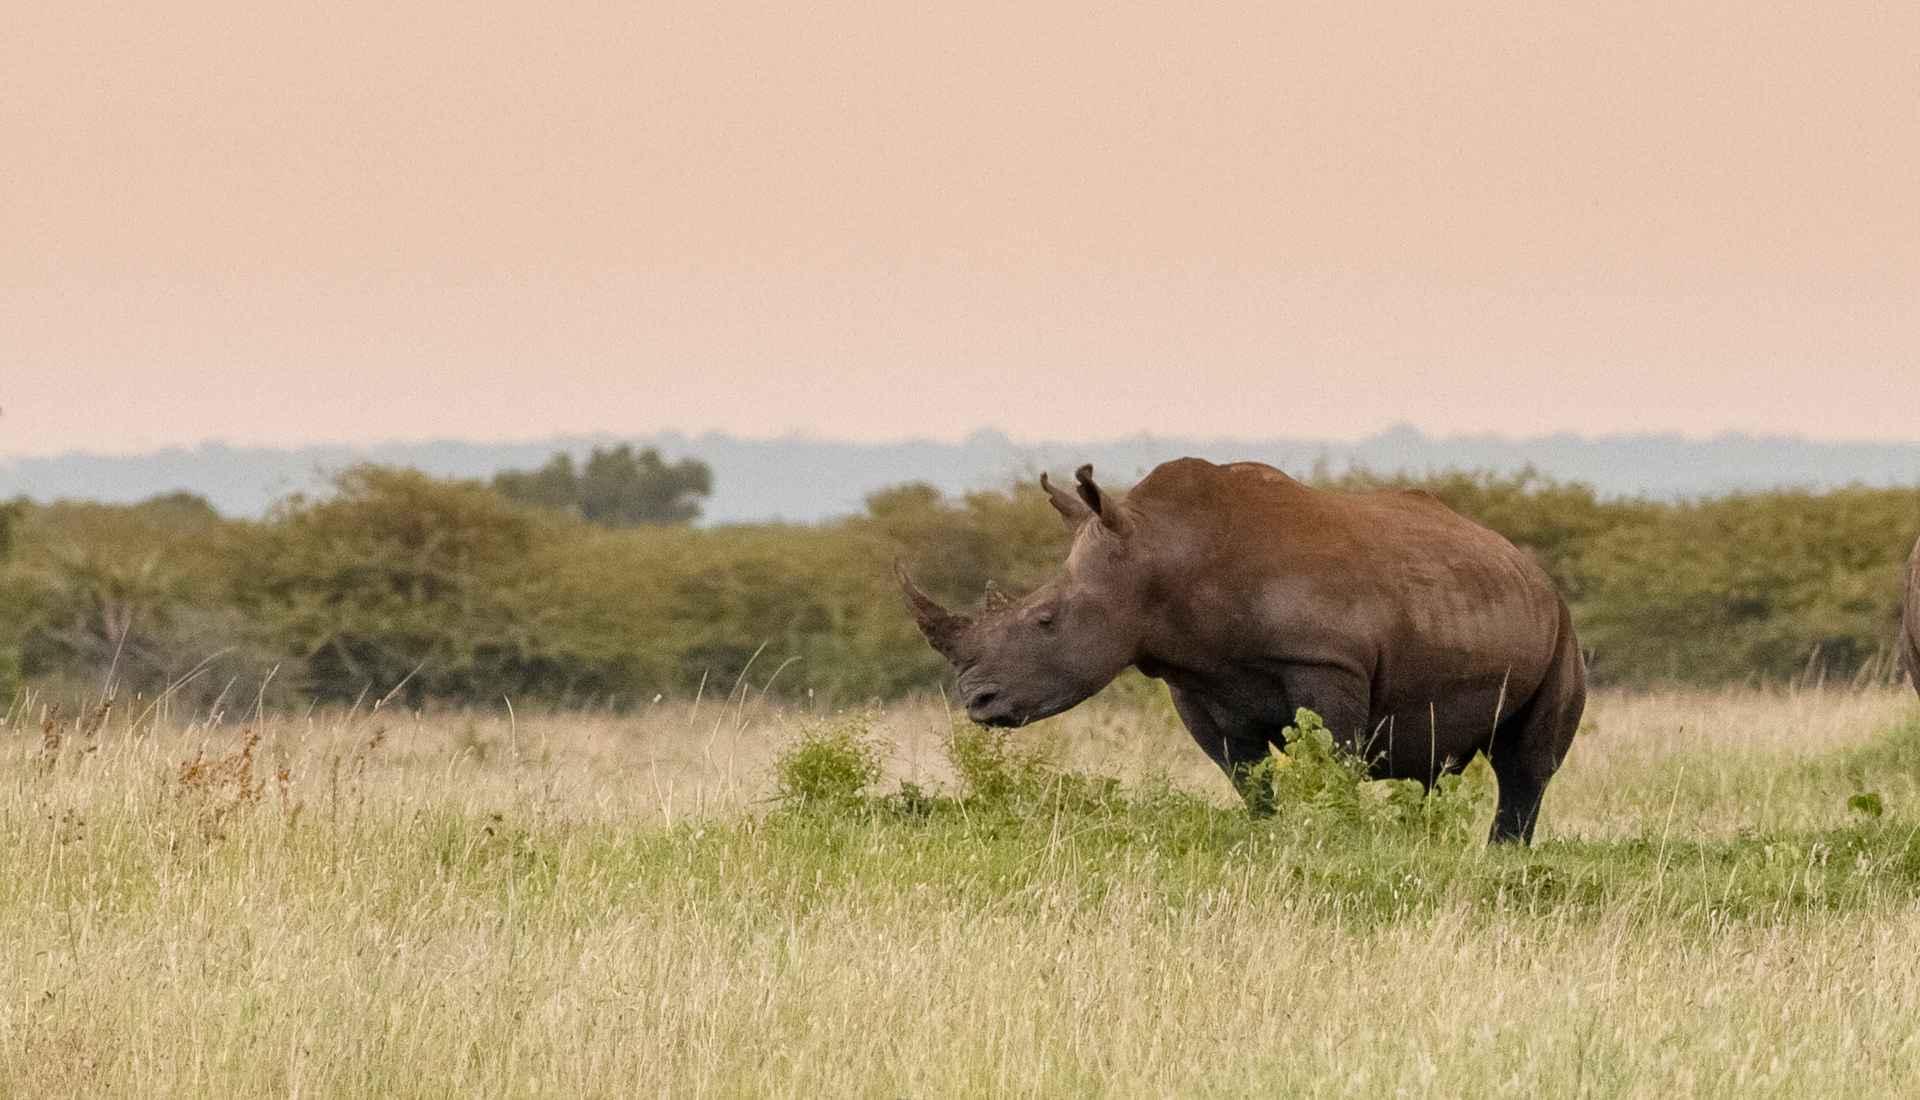 &Beyond Phinda Private Game Reserve's rhino wildlife in KwaZulu-Natal